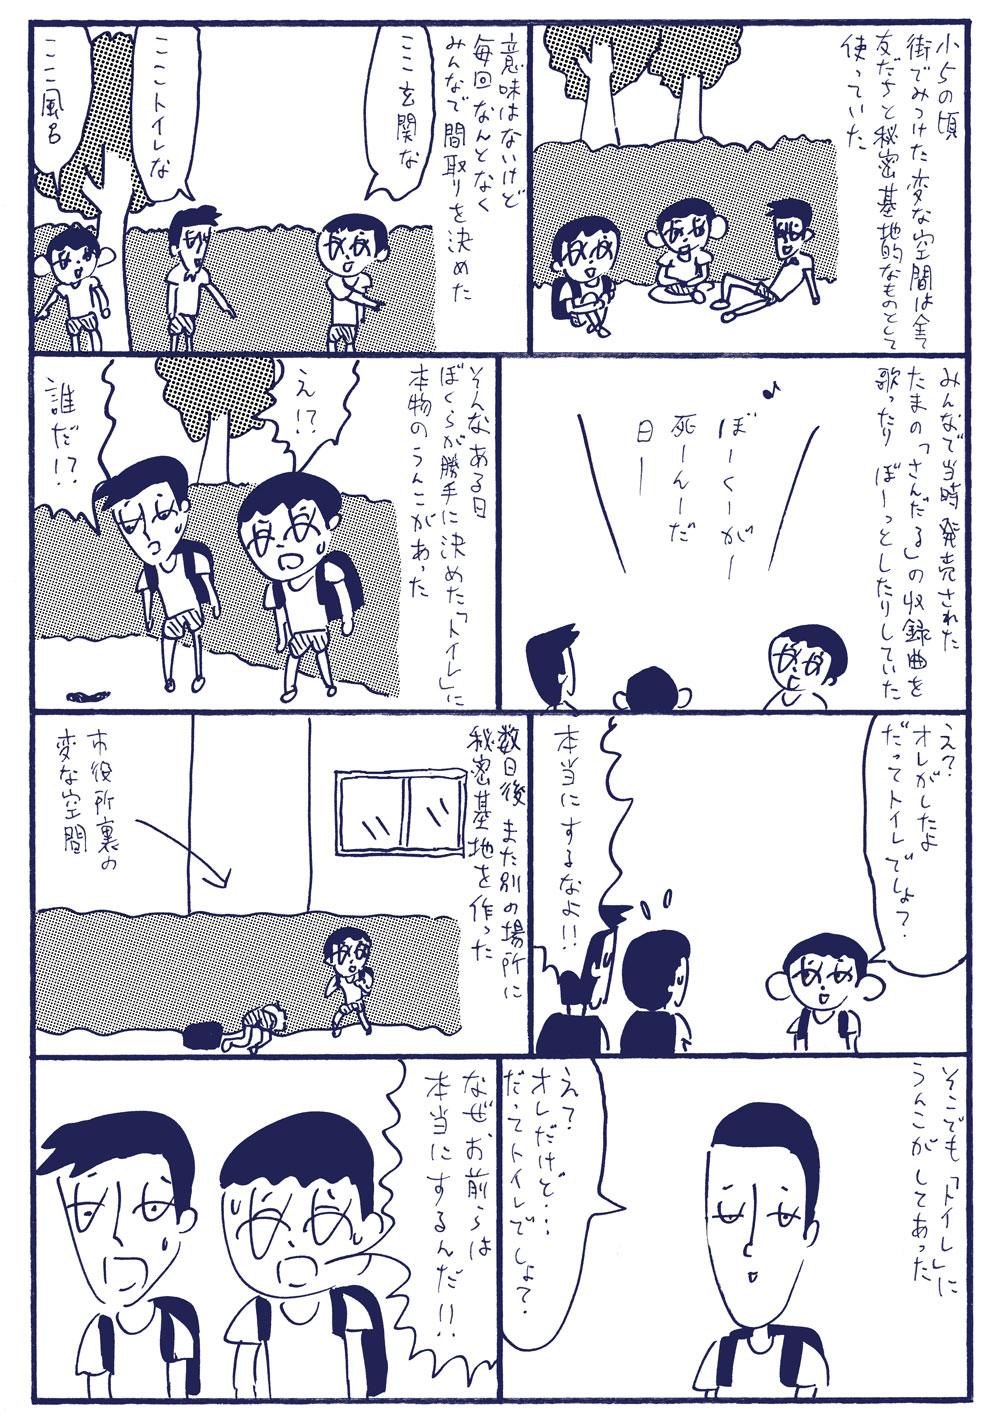 oohashi-hiroyuki-012